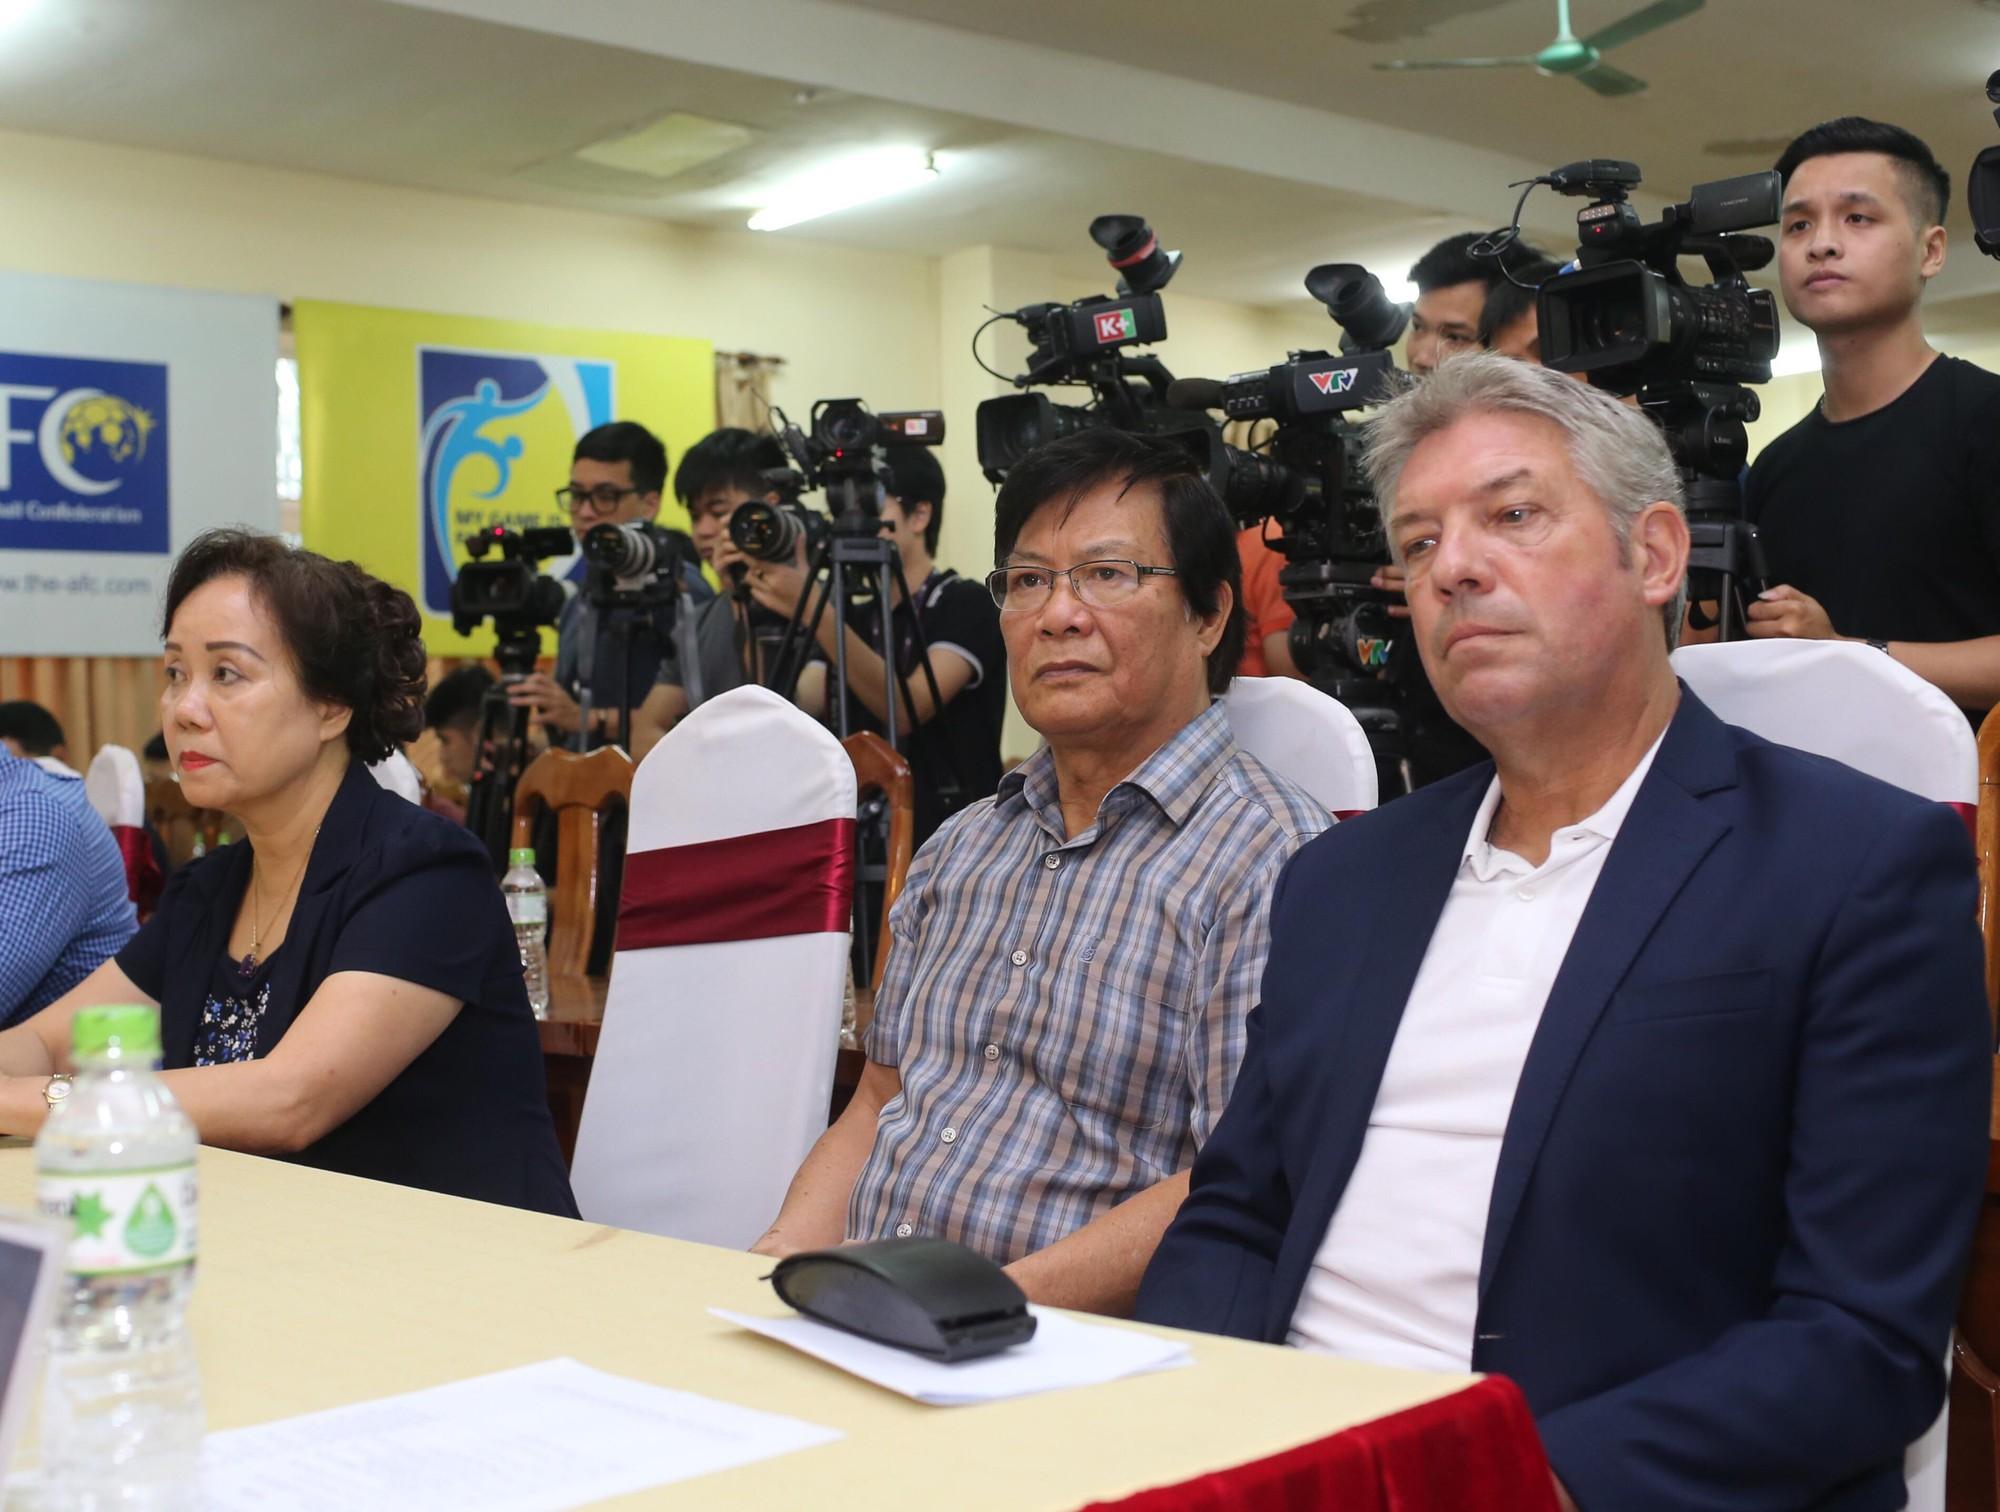 CLB nổi tiếng của Đức giải thích lý do cầu thủ trẻ Việt Nam chưa thể sang Đức thi đấu  - Ảnh 2.